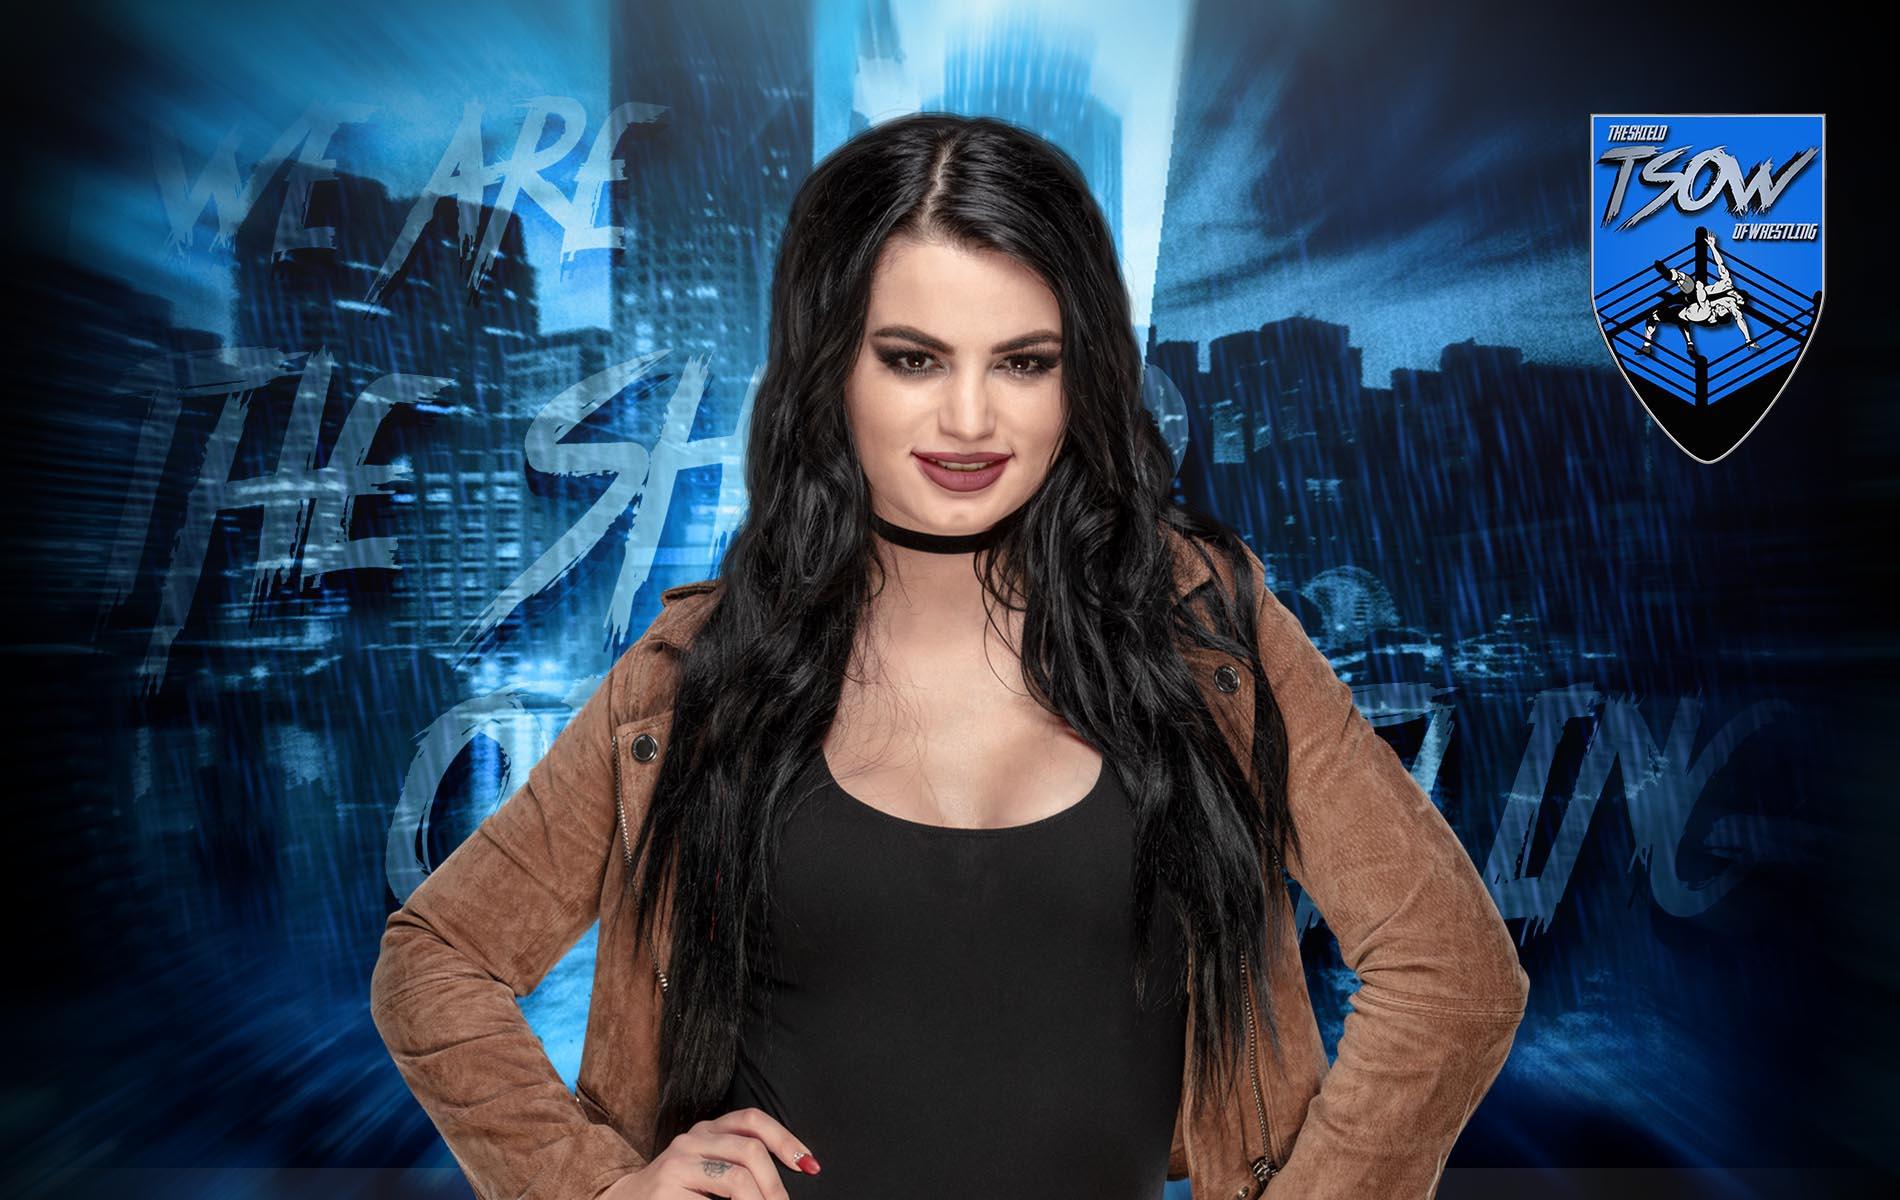 Paige svela la sua preoccupazione per un ritorno sul ring